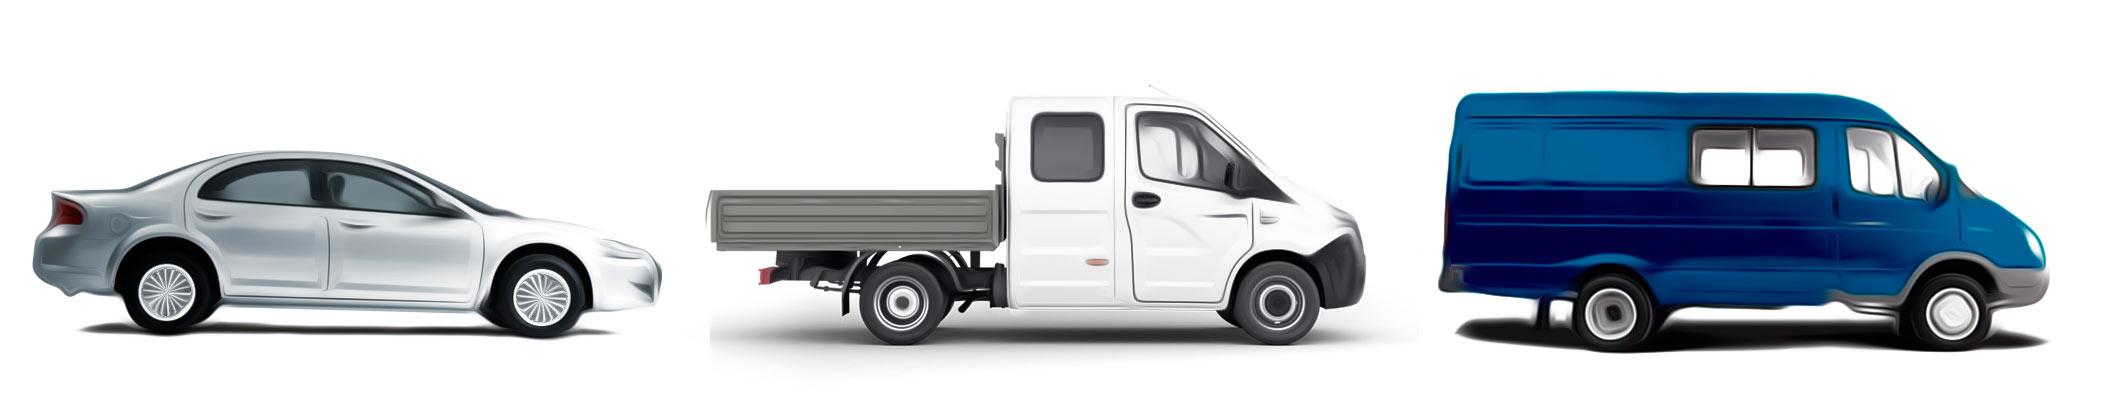 Замена масла раздатки ГАЗ 3110